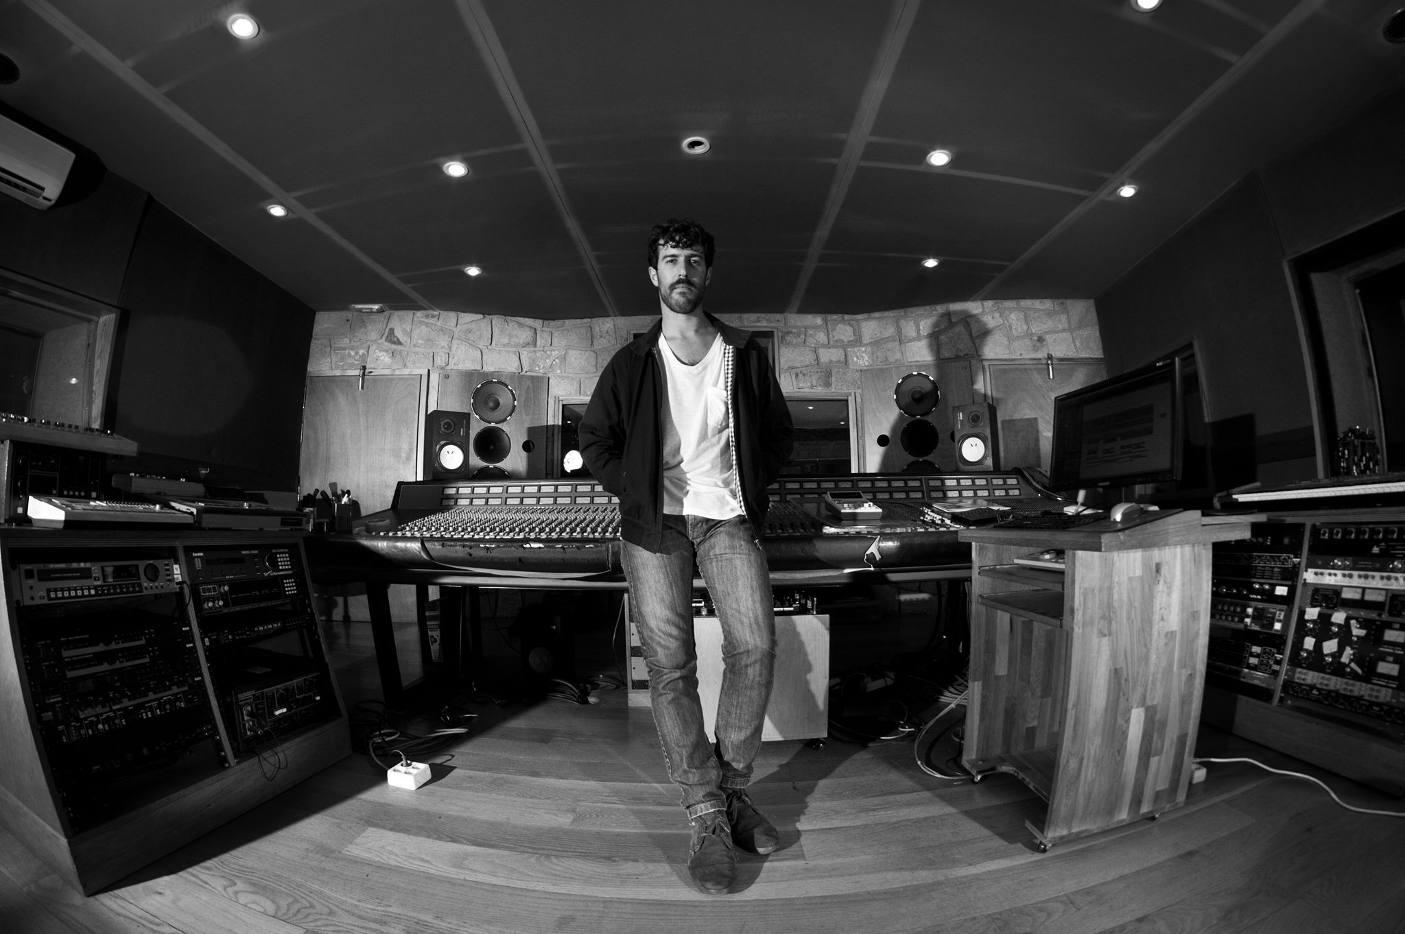 Estrenamos el remix de Piek firmado por El_Txef_A